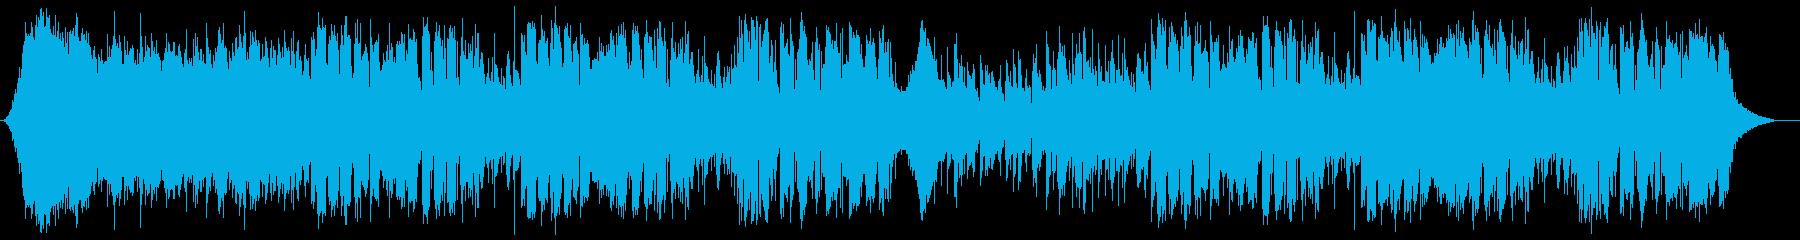 シンセを取り入れたジャズフュージョンの再生済みの波形